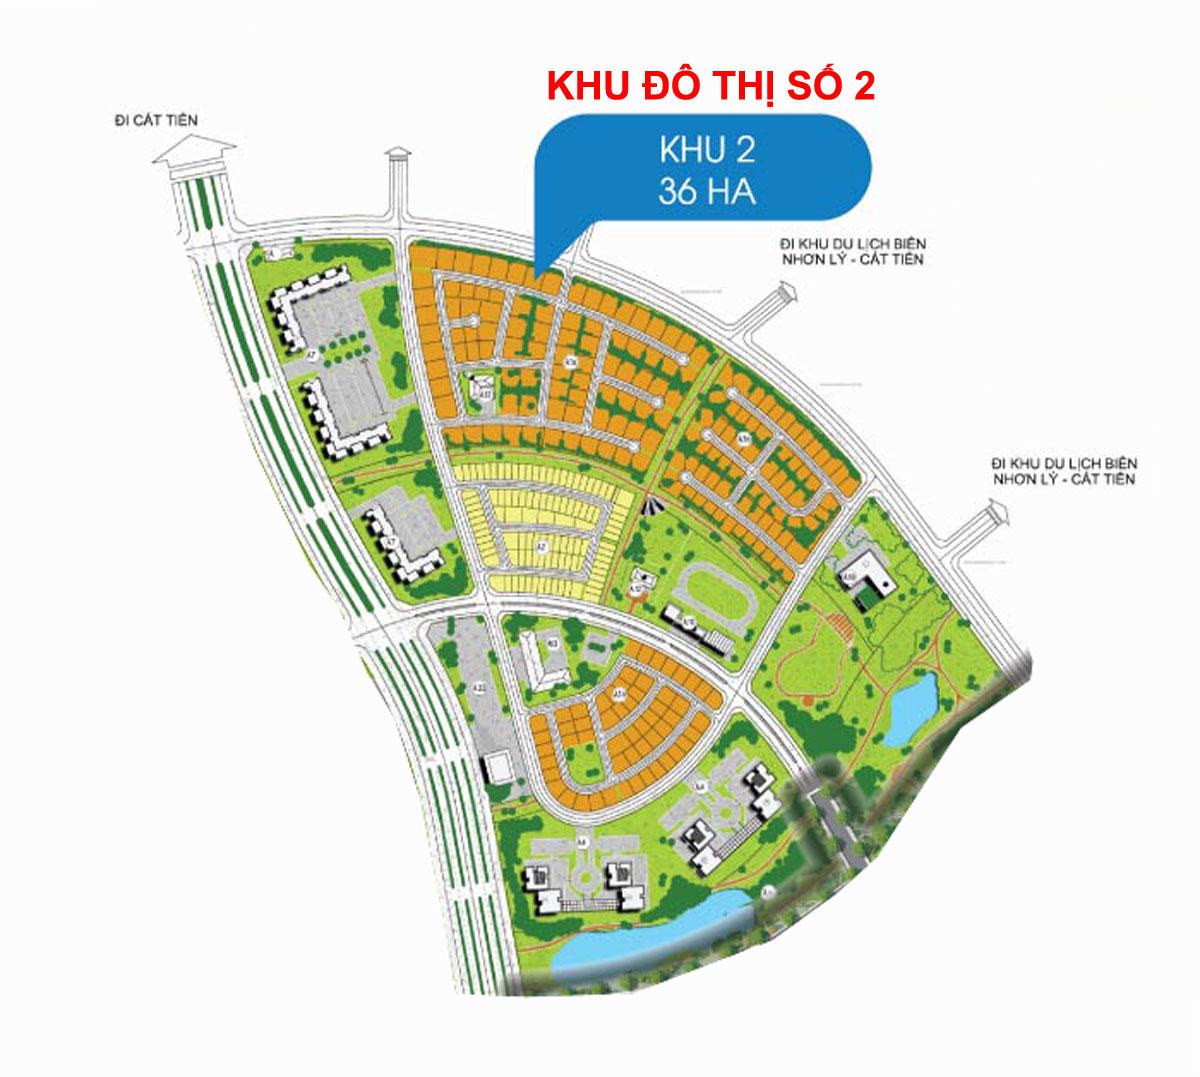 Mặt bằng Phân lô Khu 2 Dự án Khu đô thị Sinh thái Nhơn Hội